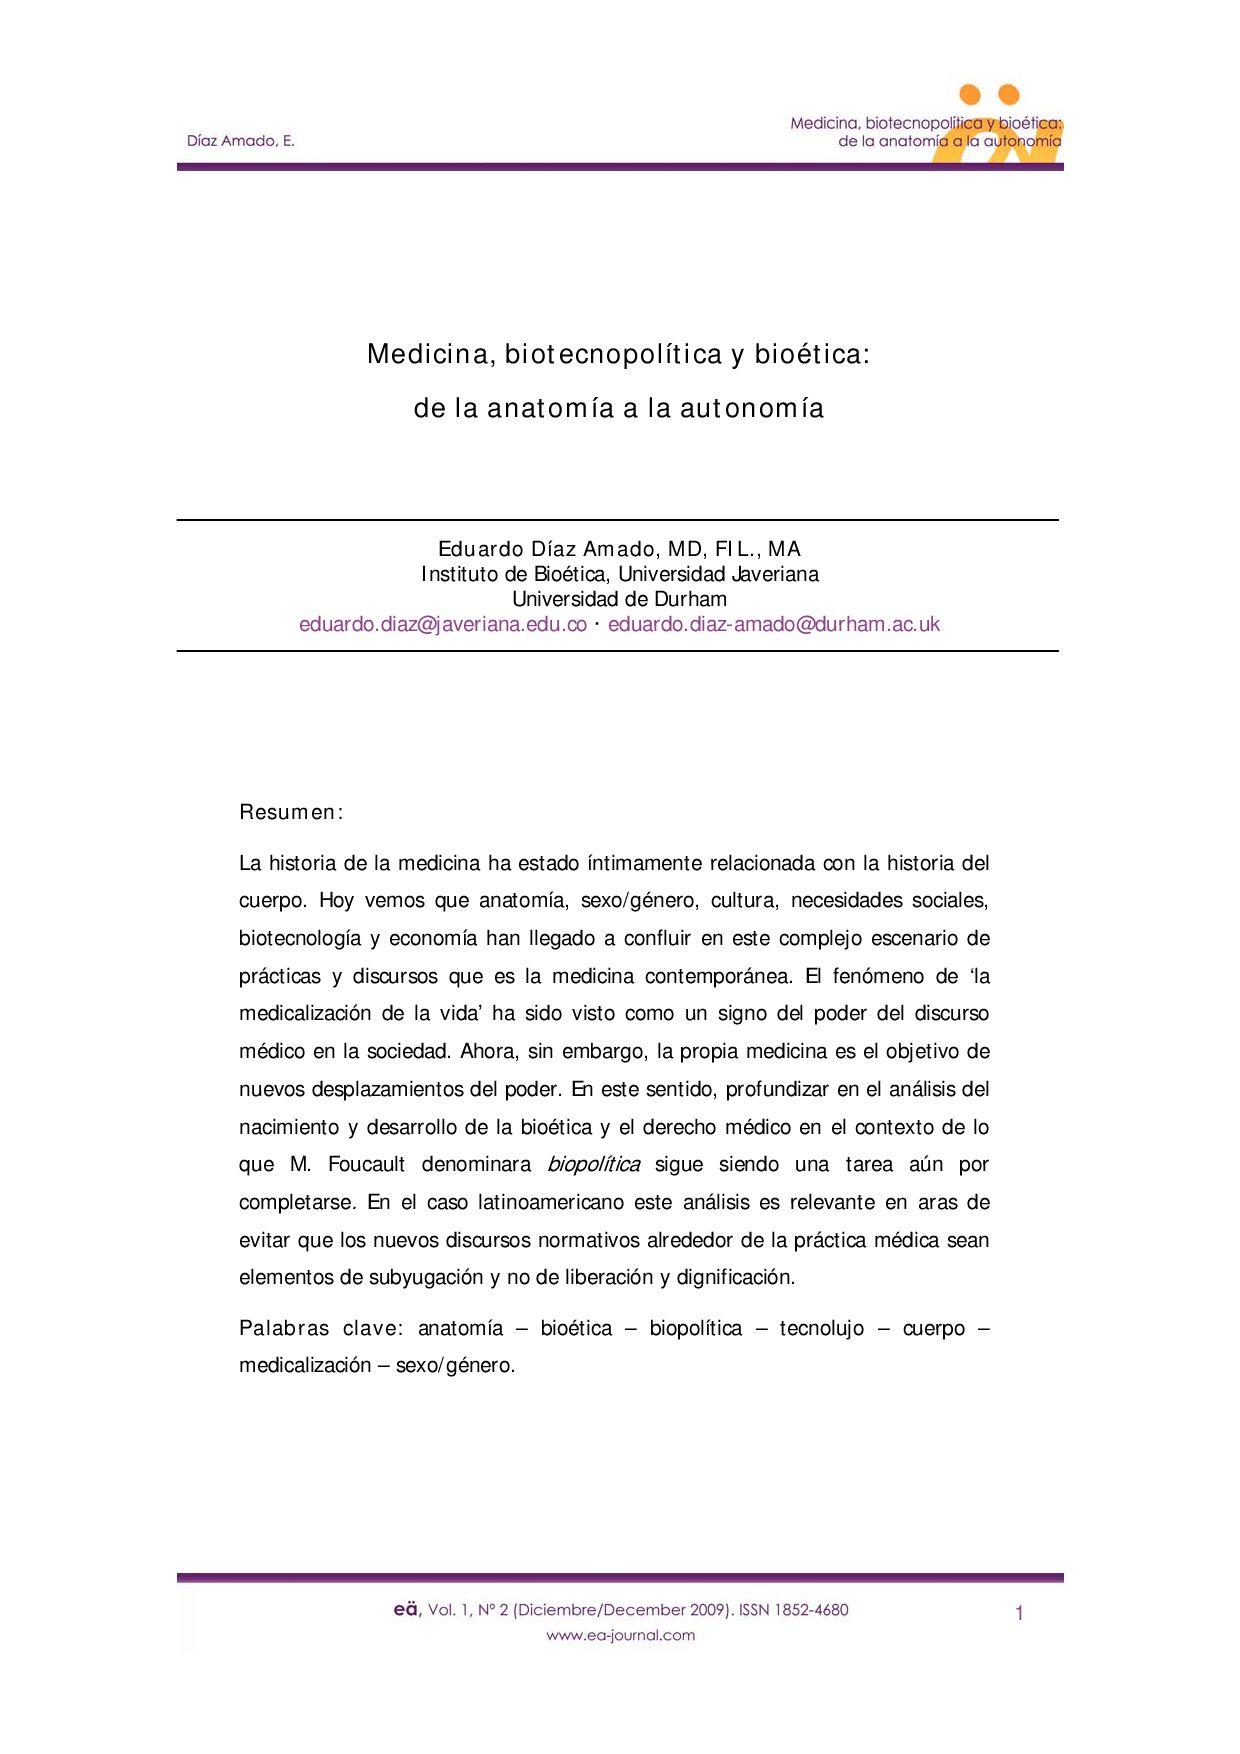 Medicina, biotecnopolítica y bioética:de la anatomía a la autonomía ...